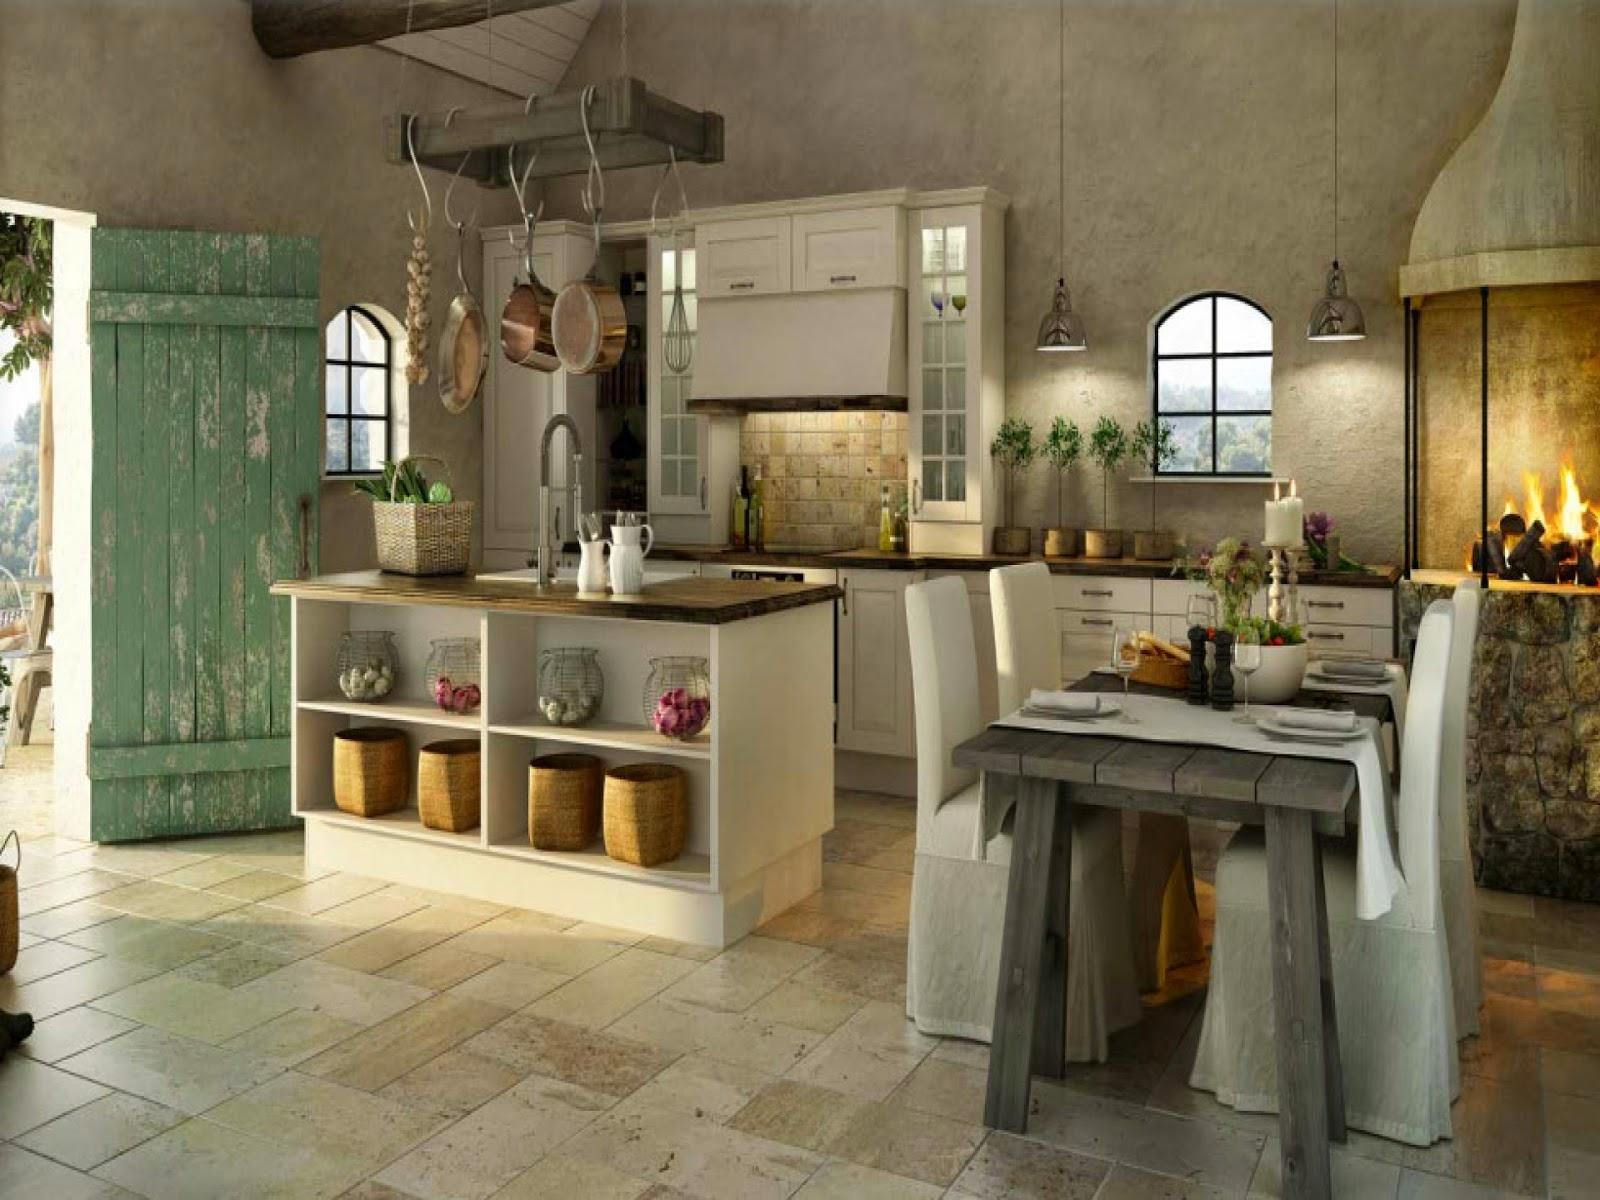 Muebles de cocina r sticos decoraci n de dormitorios for Muebles de cocina rusticos